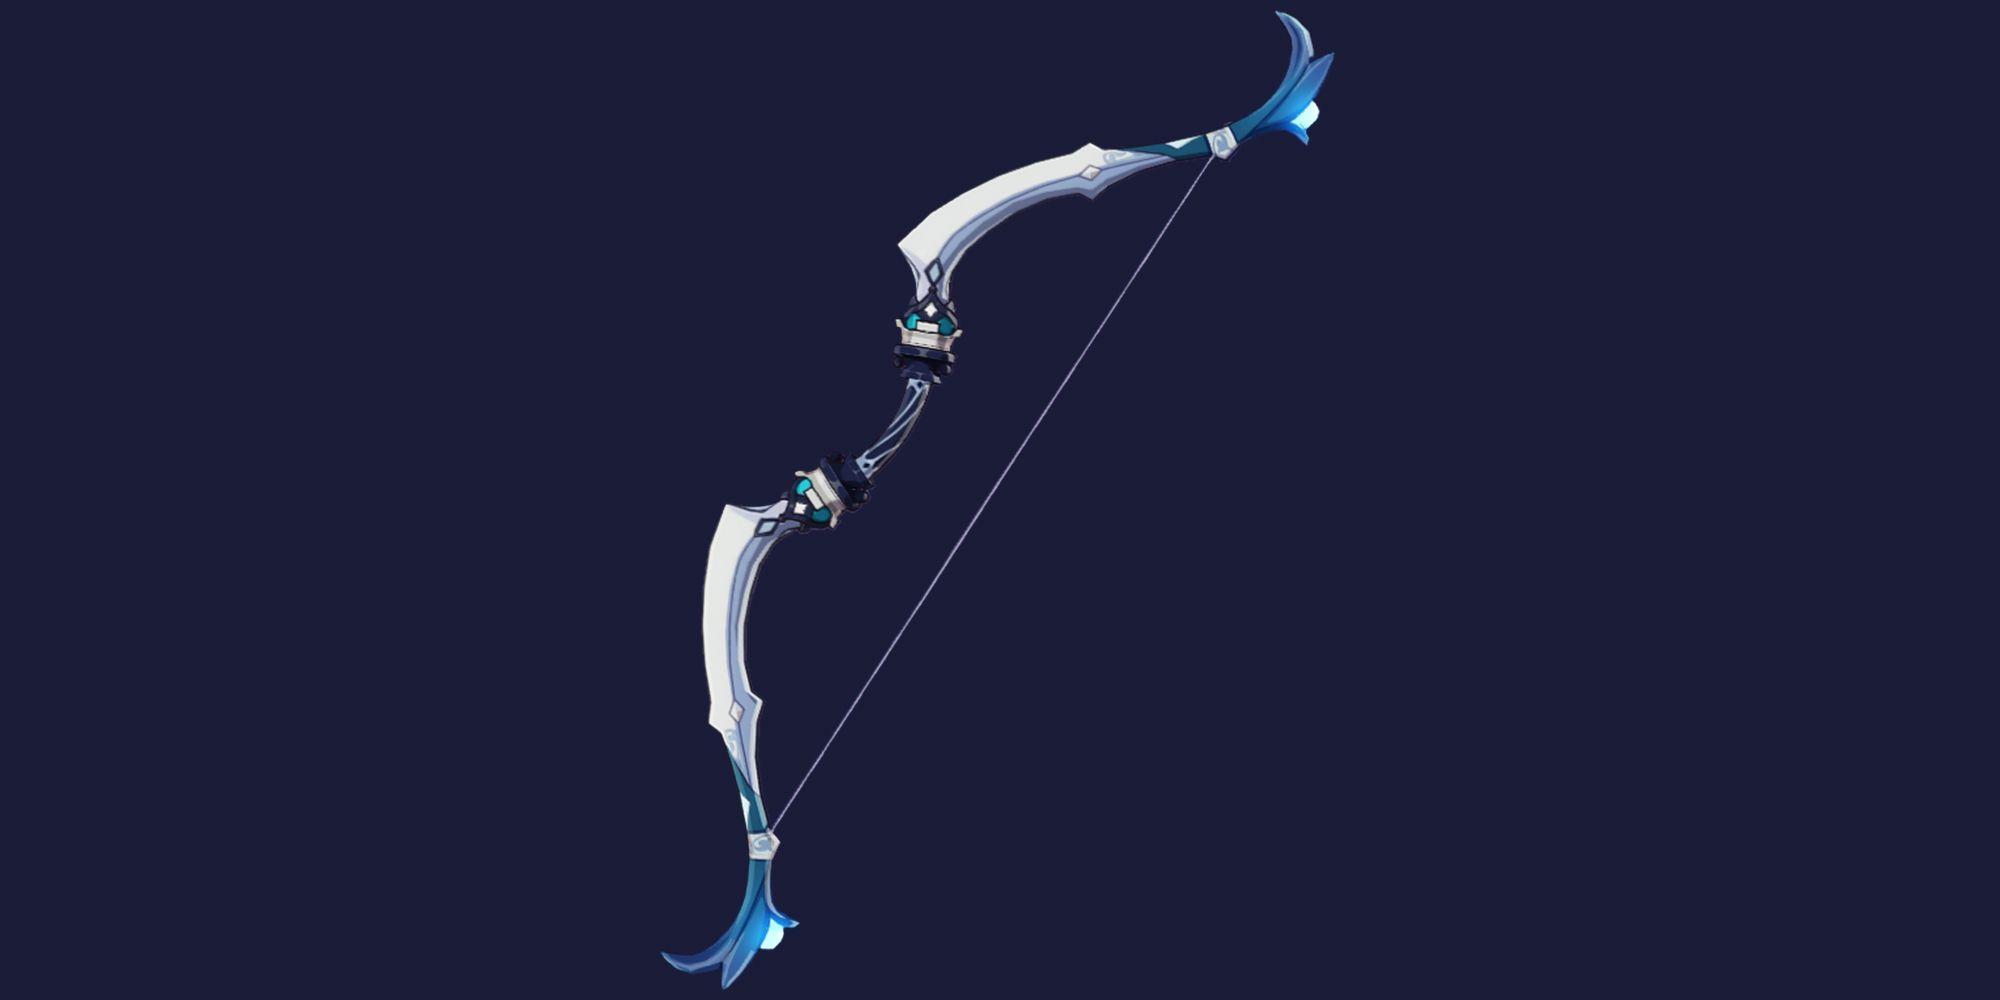 Genshin Impact Sacrificial Bow